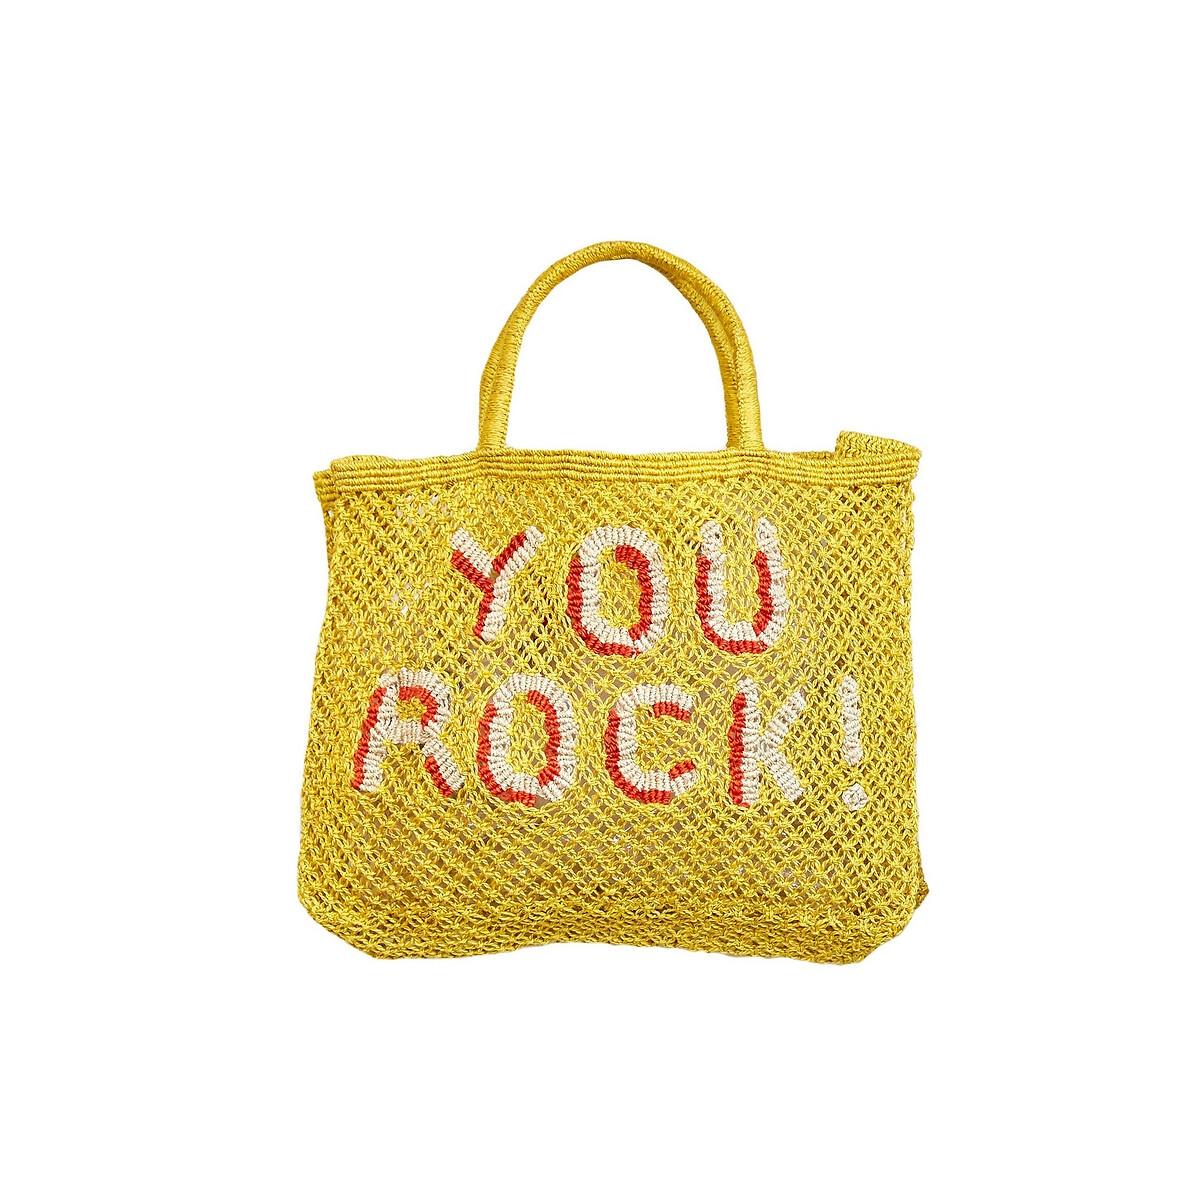 Сумка-шоппер La Redoute YOU ROCK маленький размер единый размер оранжевый этажерка la redoute с полками remia единый размер белый